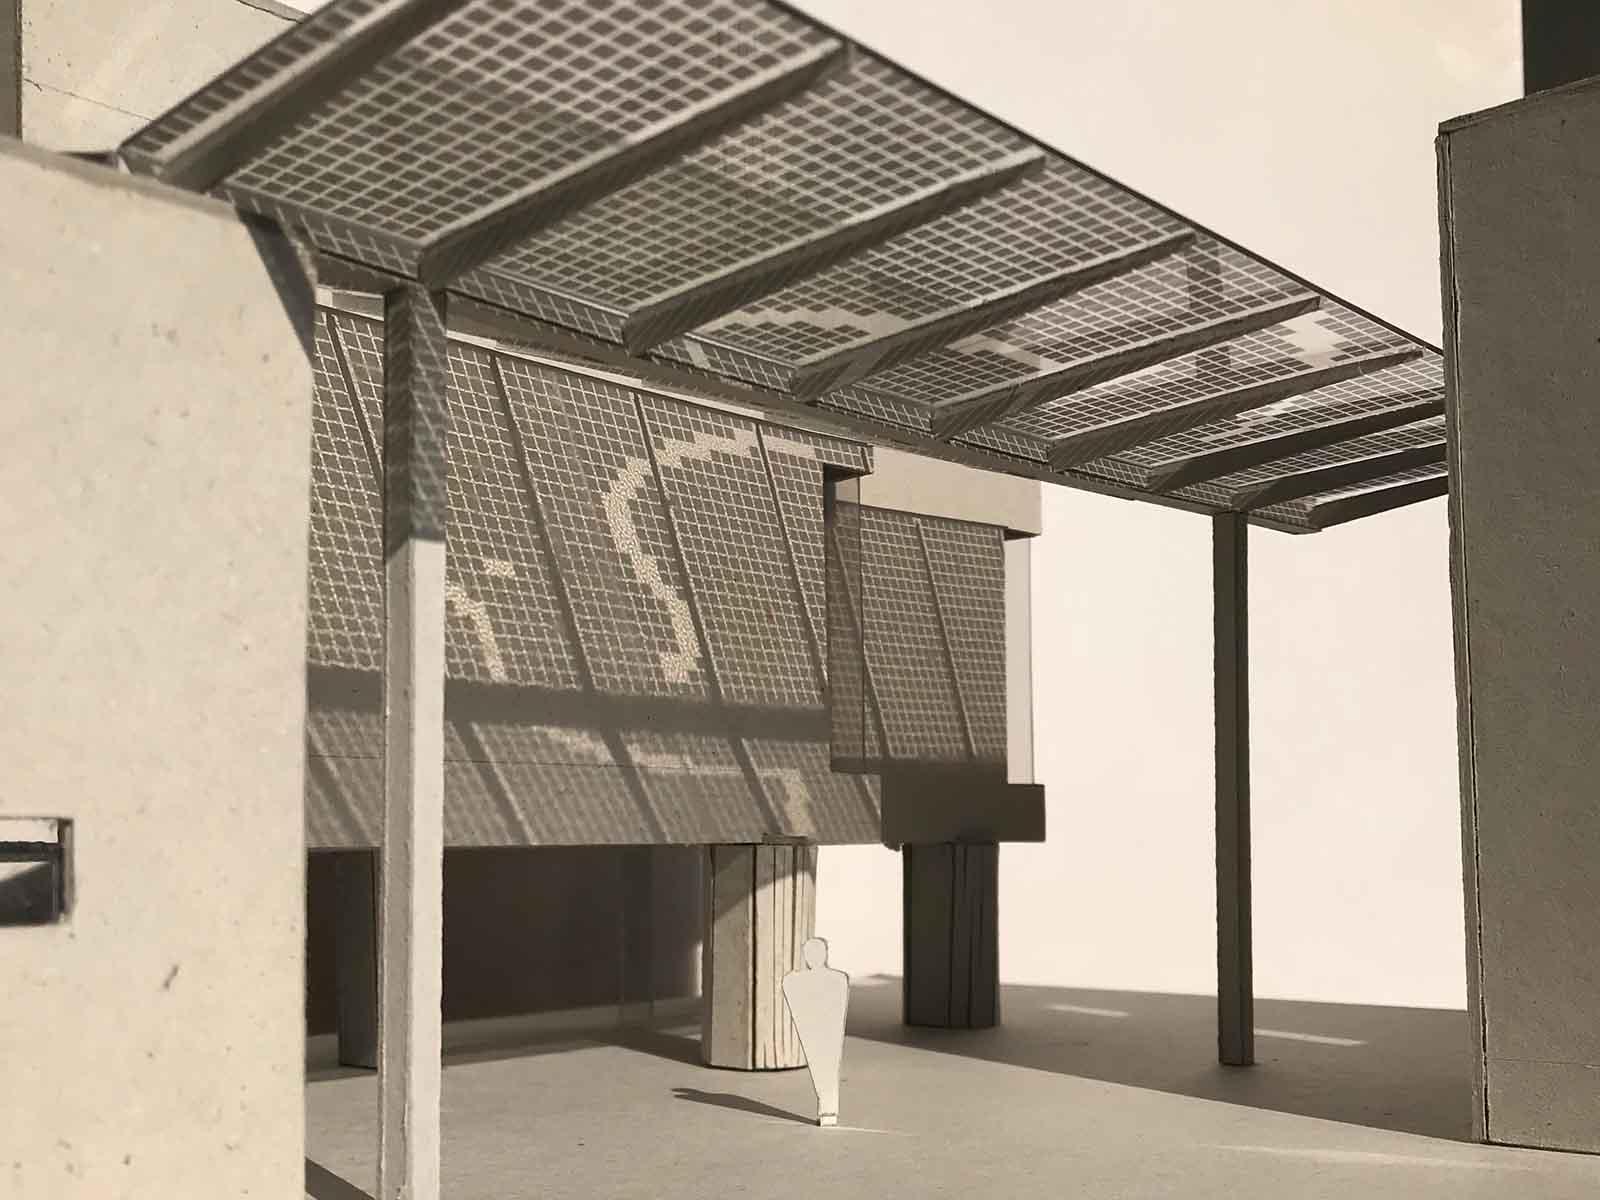 Modellfoto des geplanten Glasdachs mit Photovoltaik-Anlage.